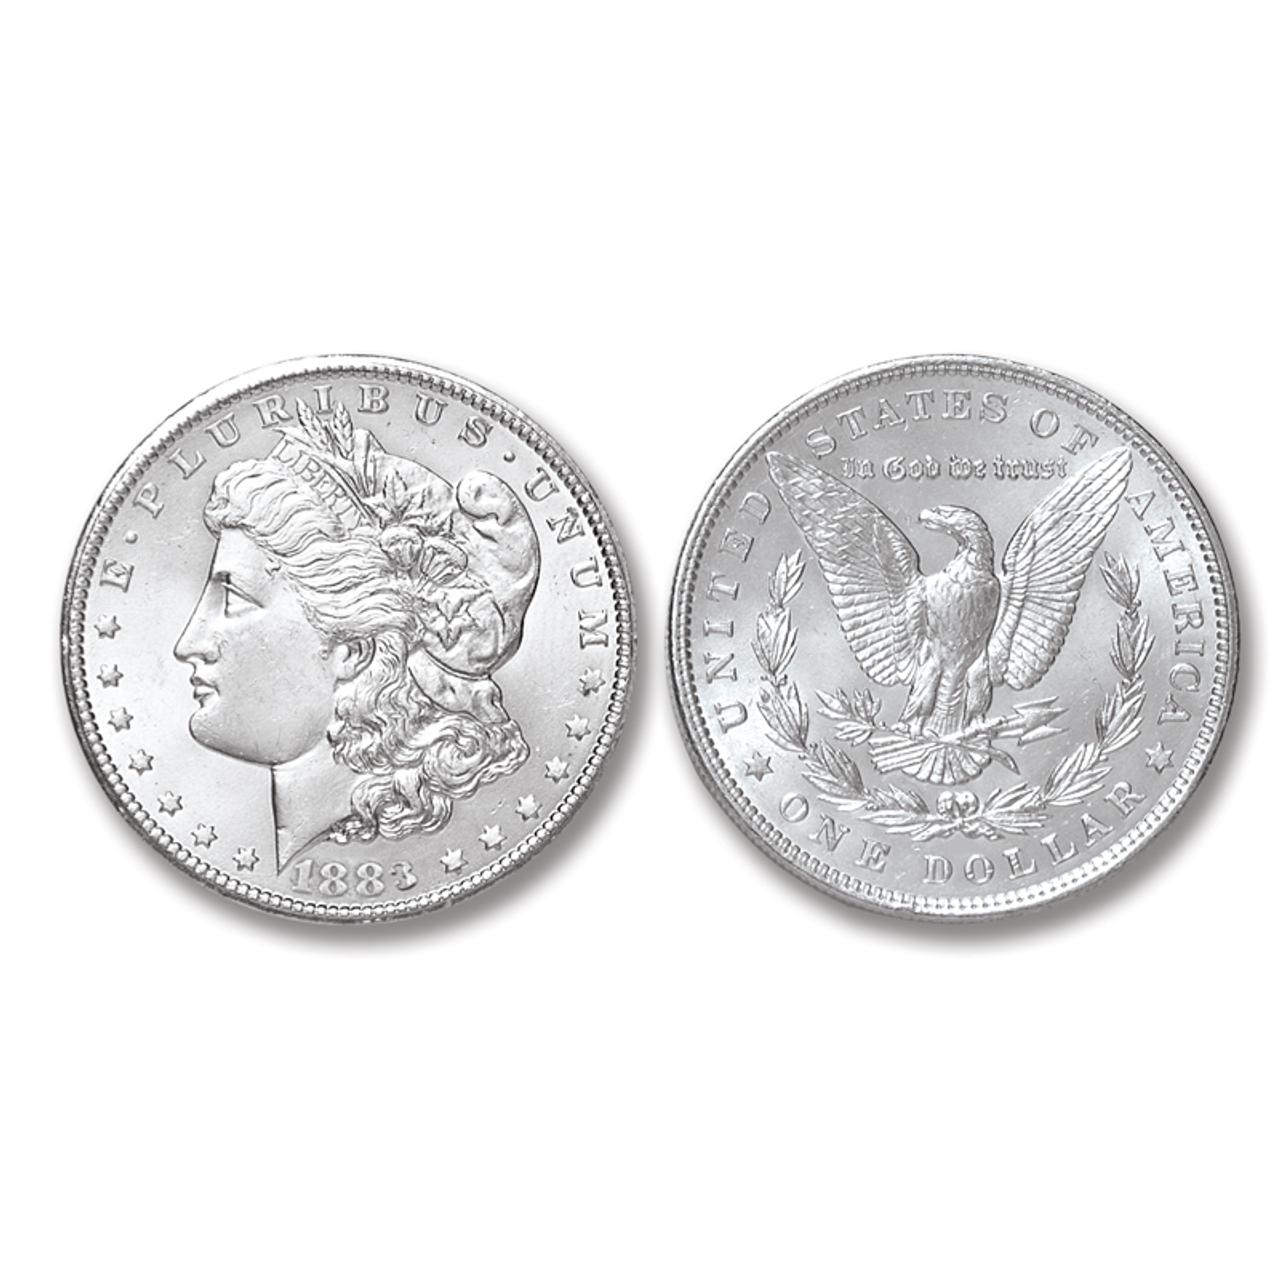 1883-P Morgan Silver Dollar - Brilliant Uncirculated Condition